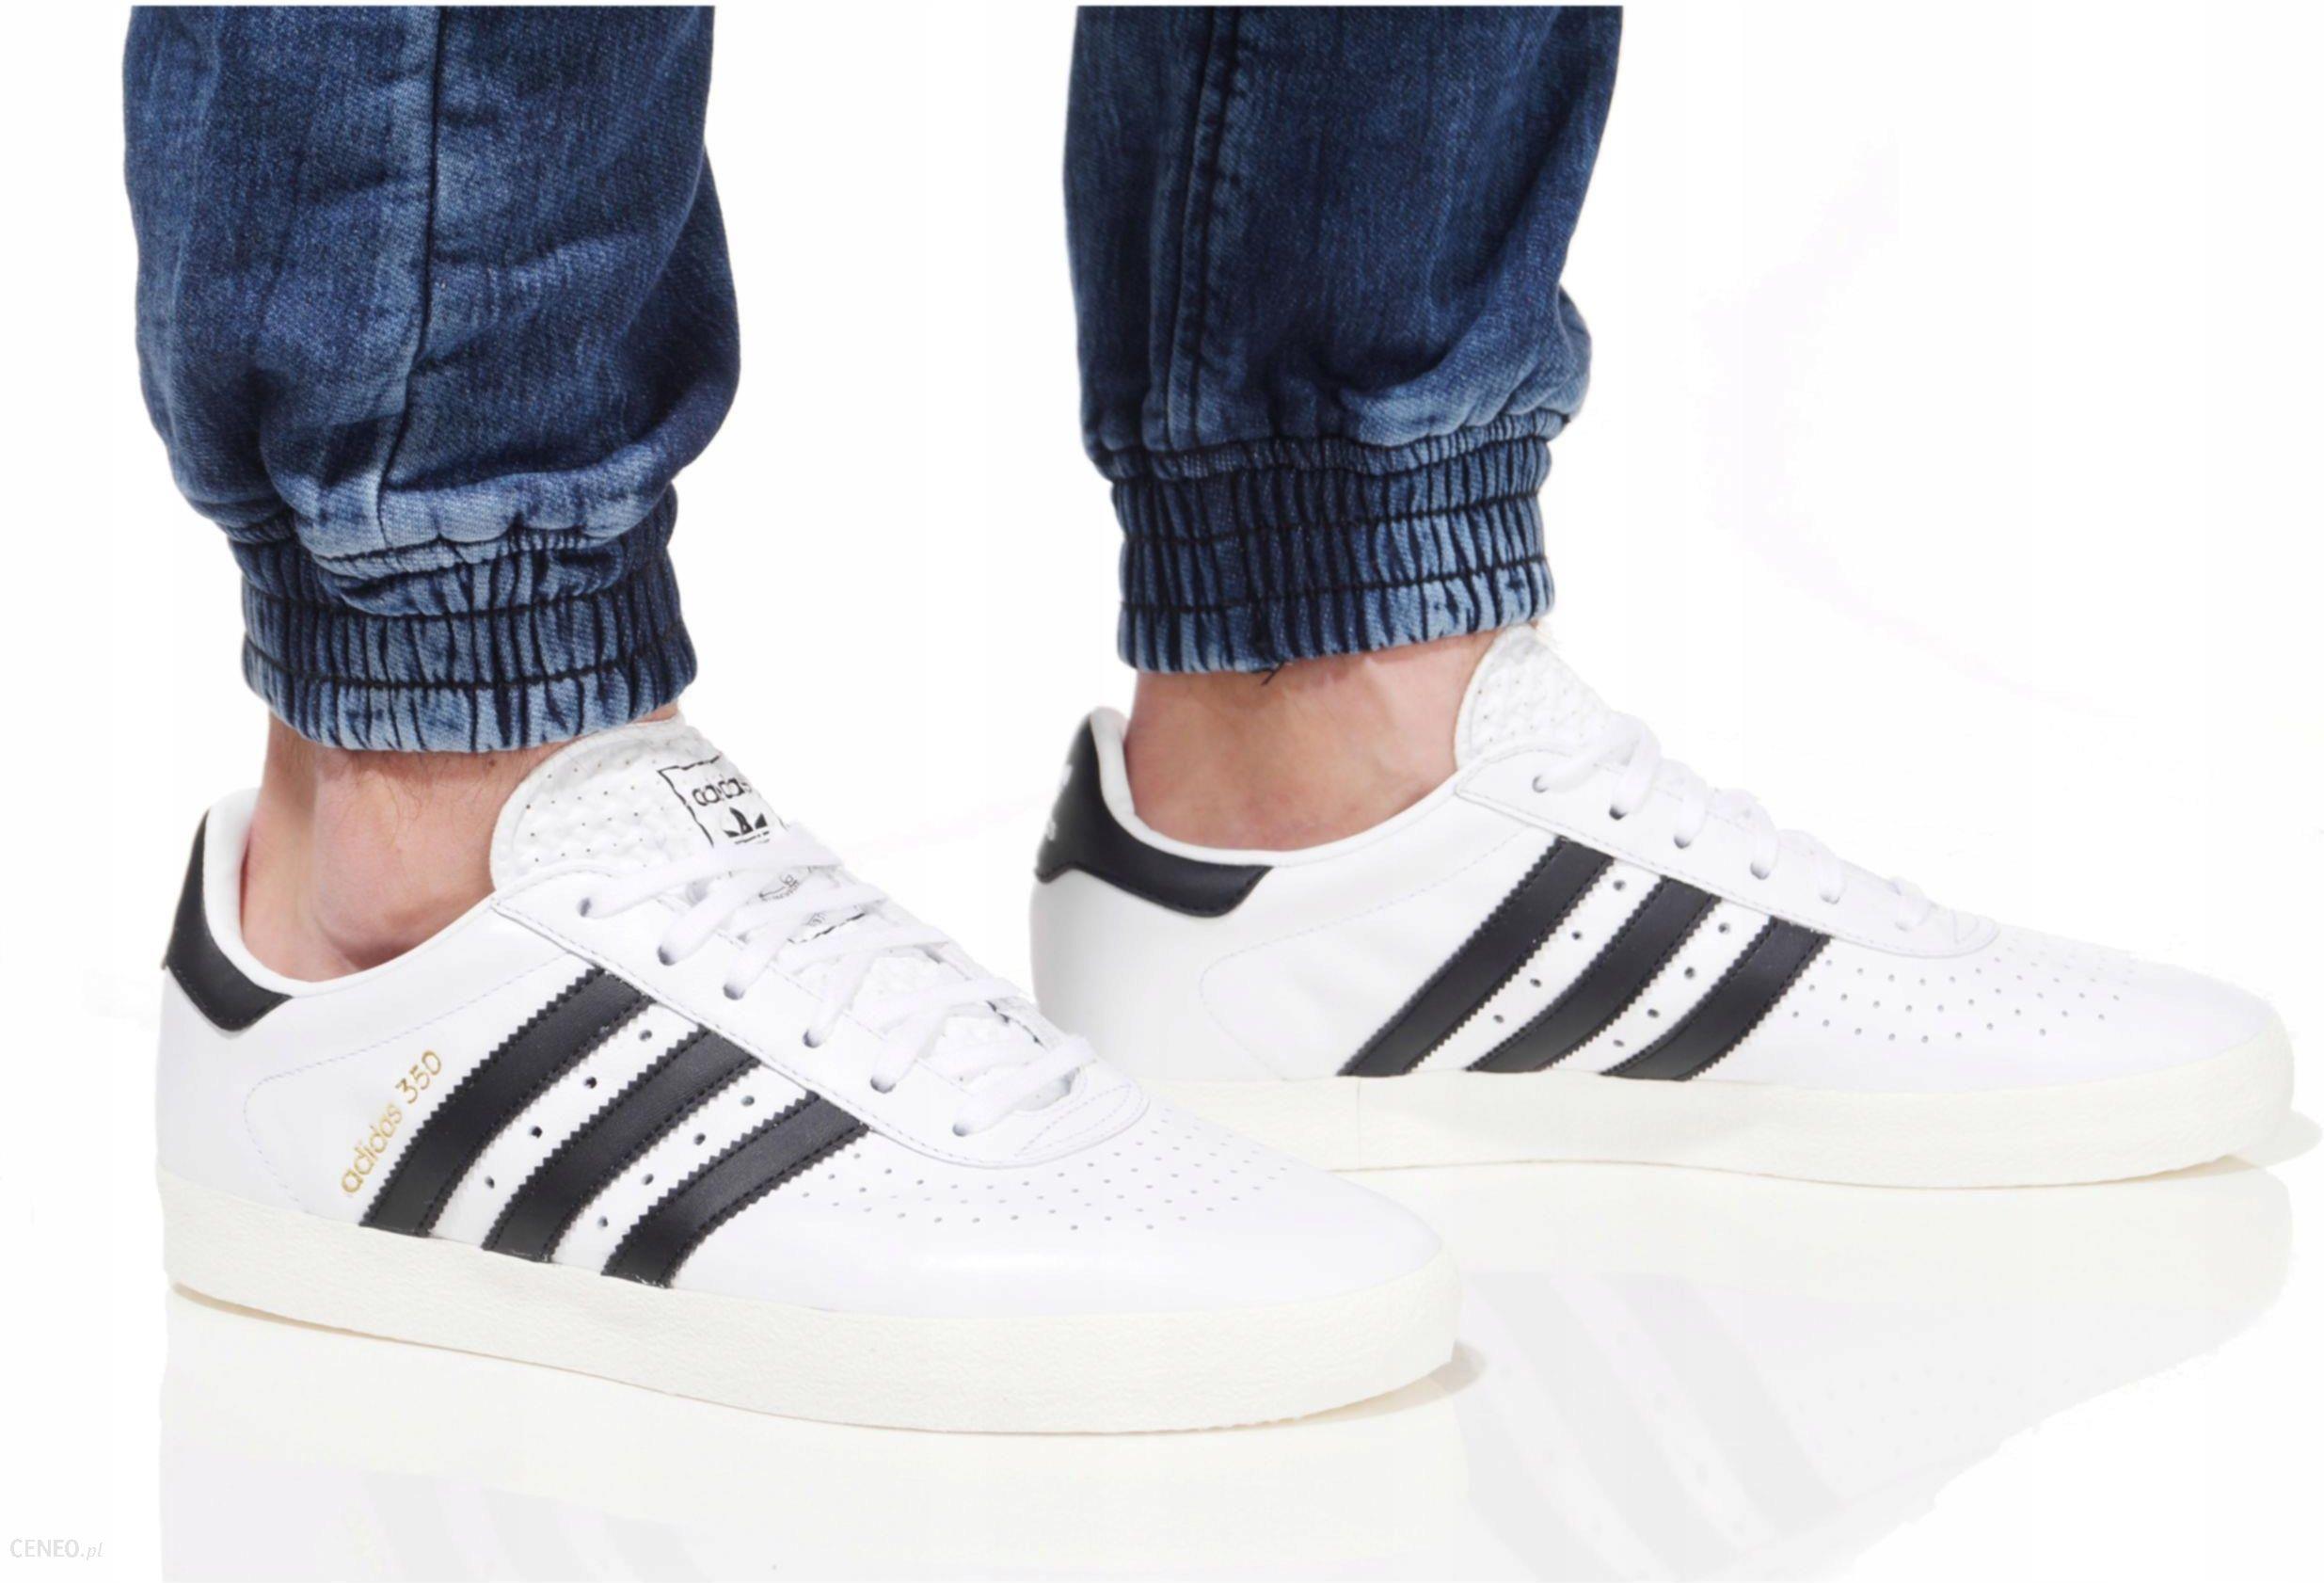 Buty Adidas M?skie 350 Originals CQ2780 R. 44 23 Ceny i opinie Ceneo.pl